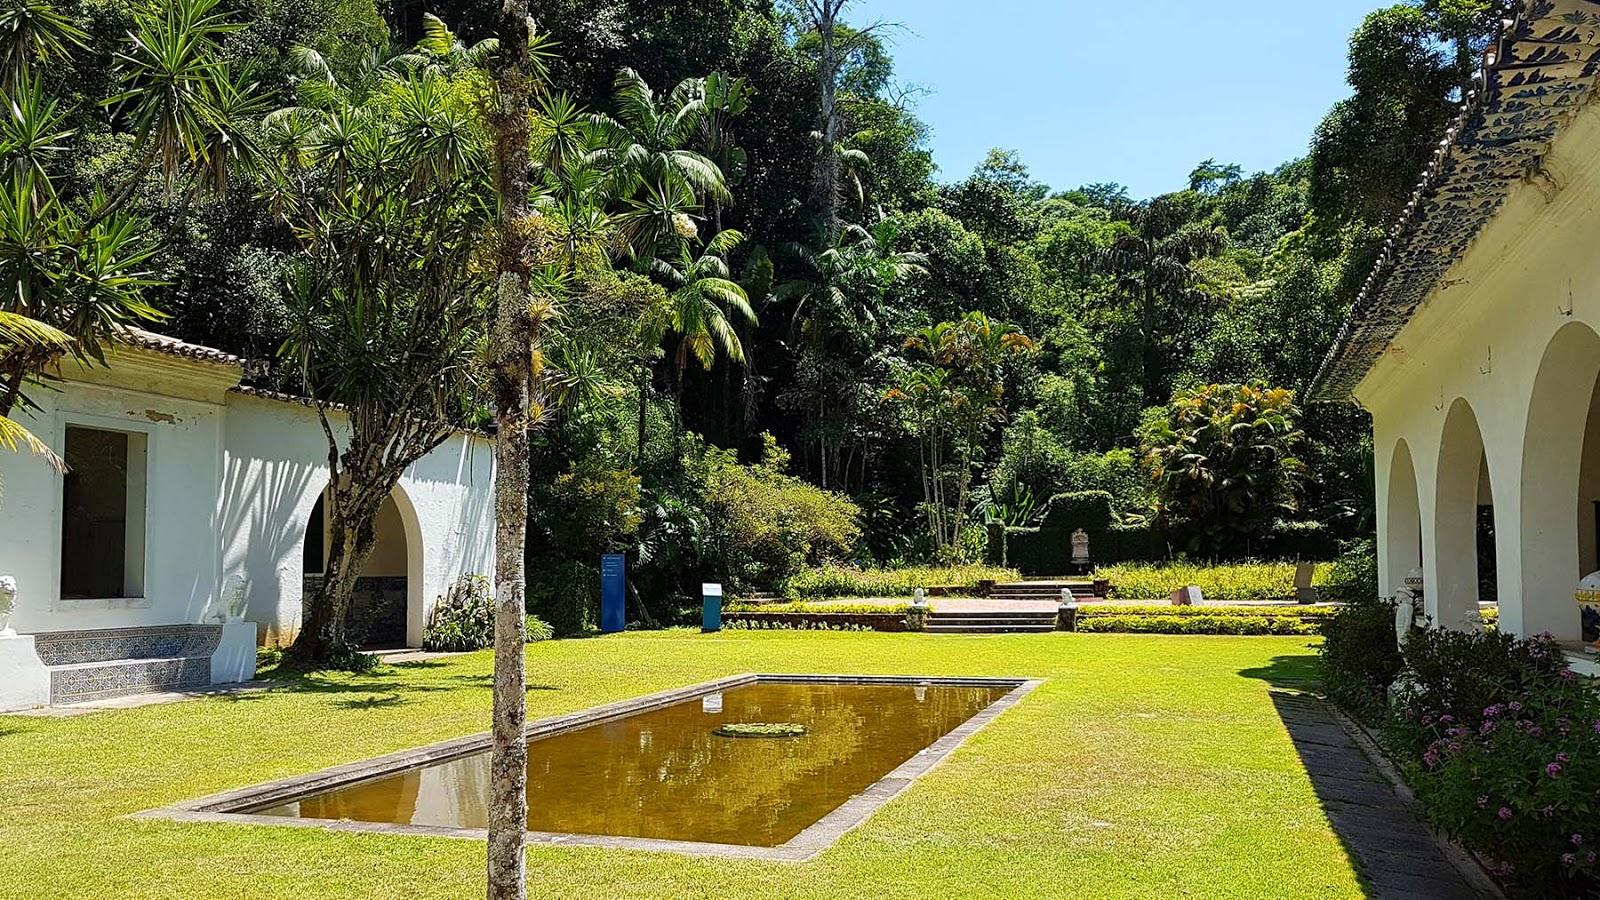 Jardim do Museu do Açude no Rio de Janeiro.